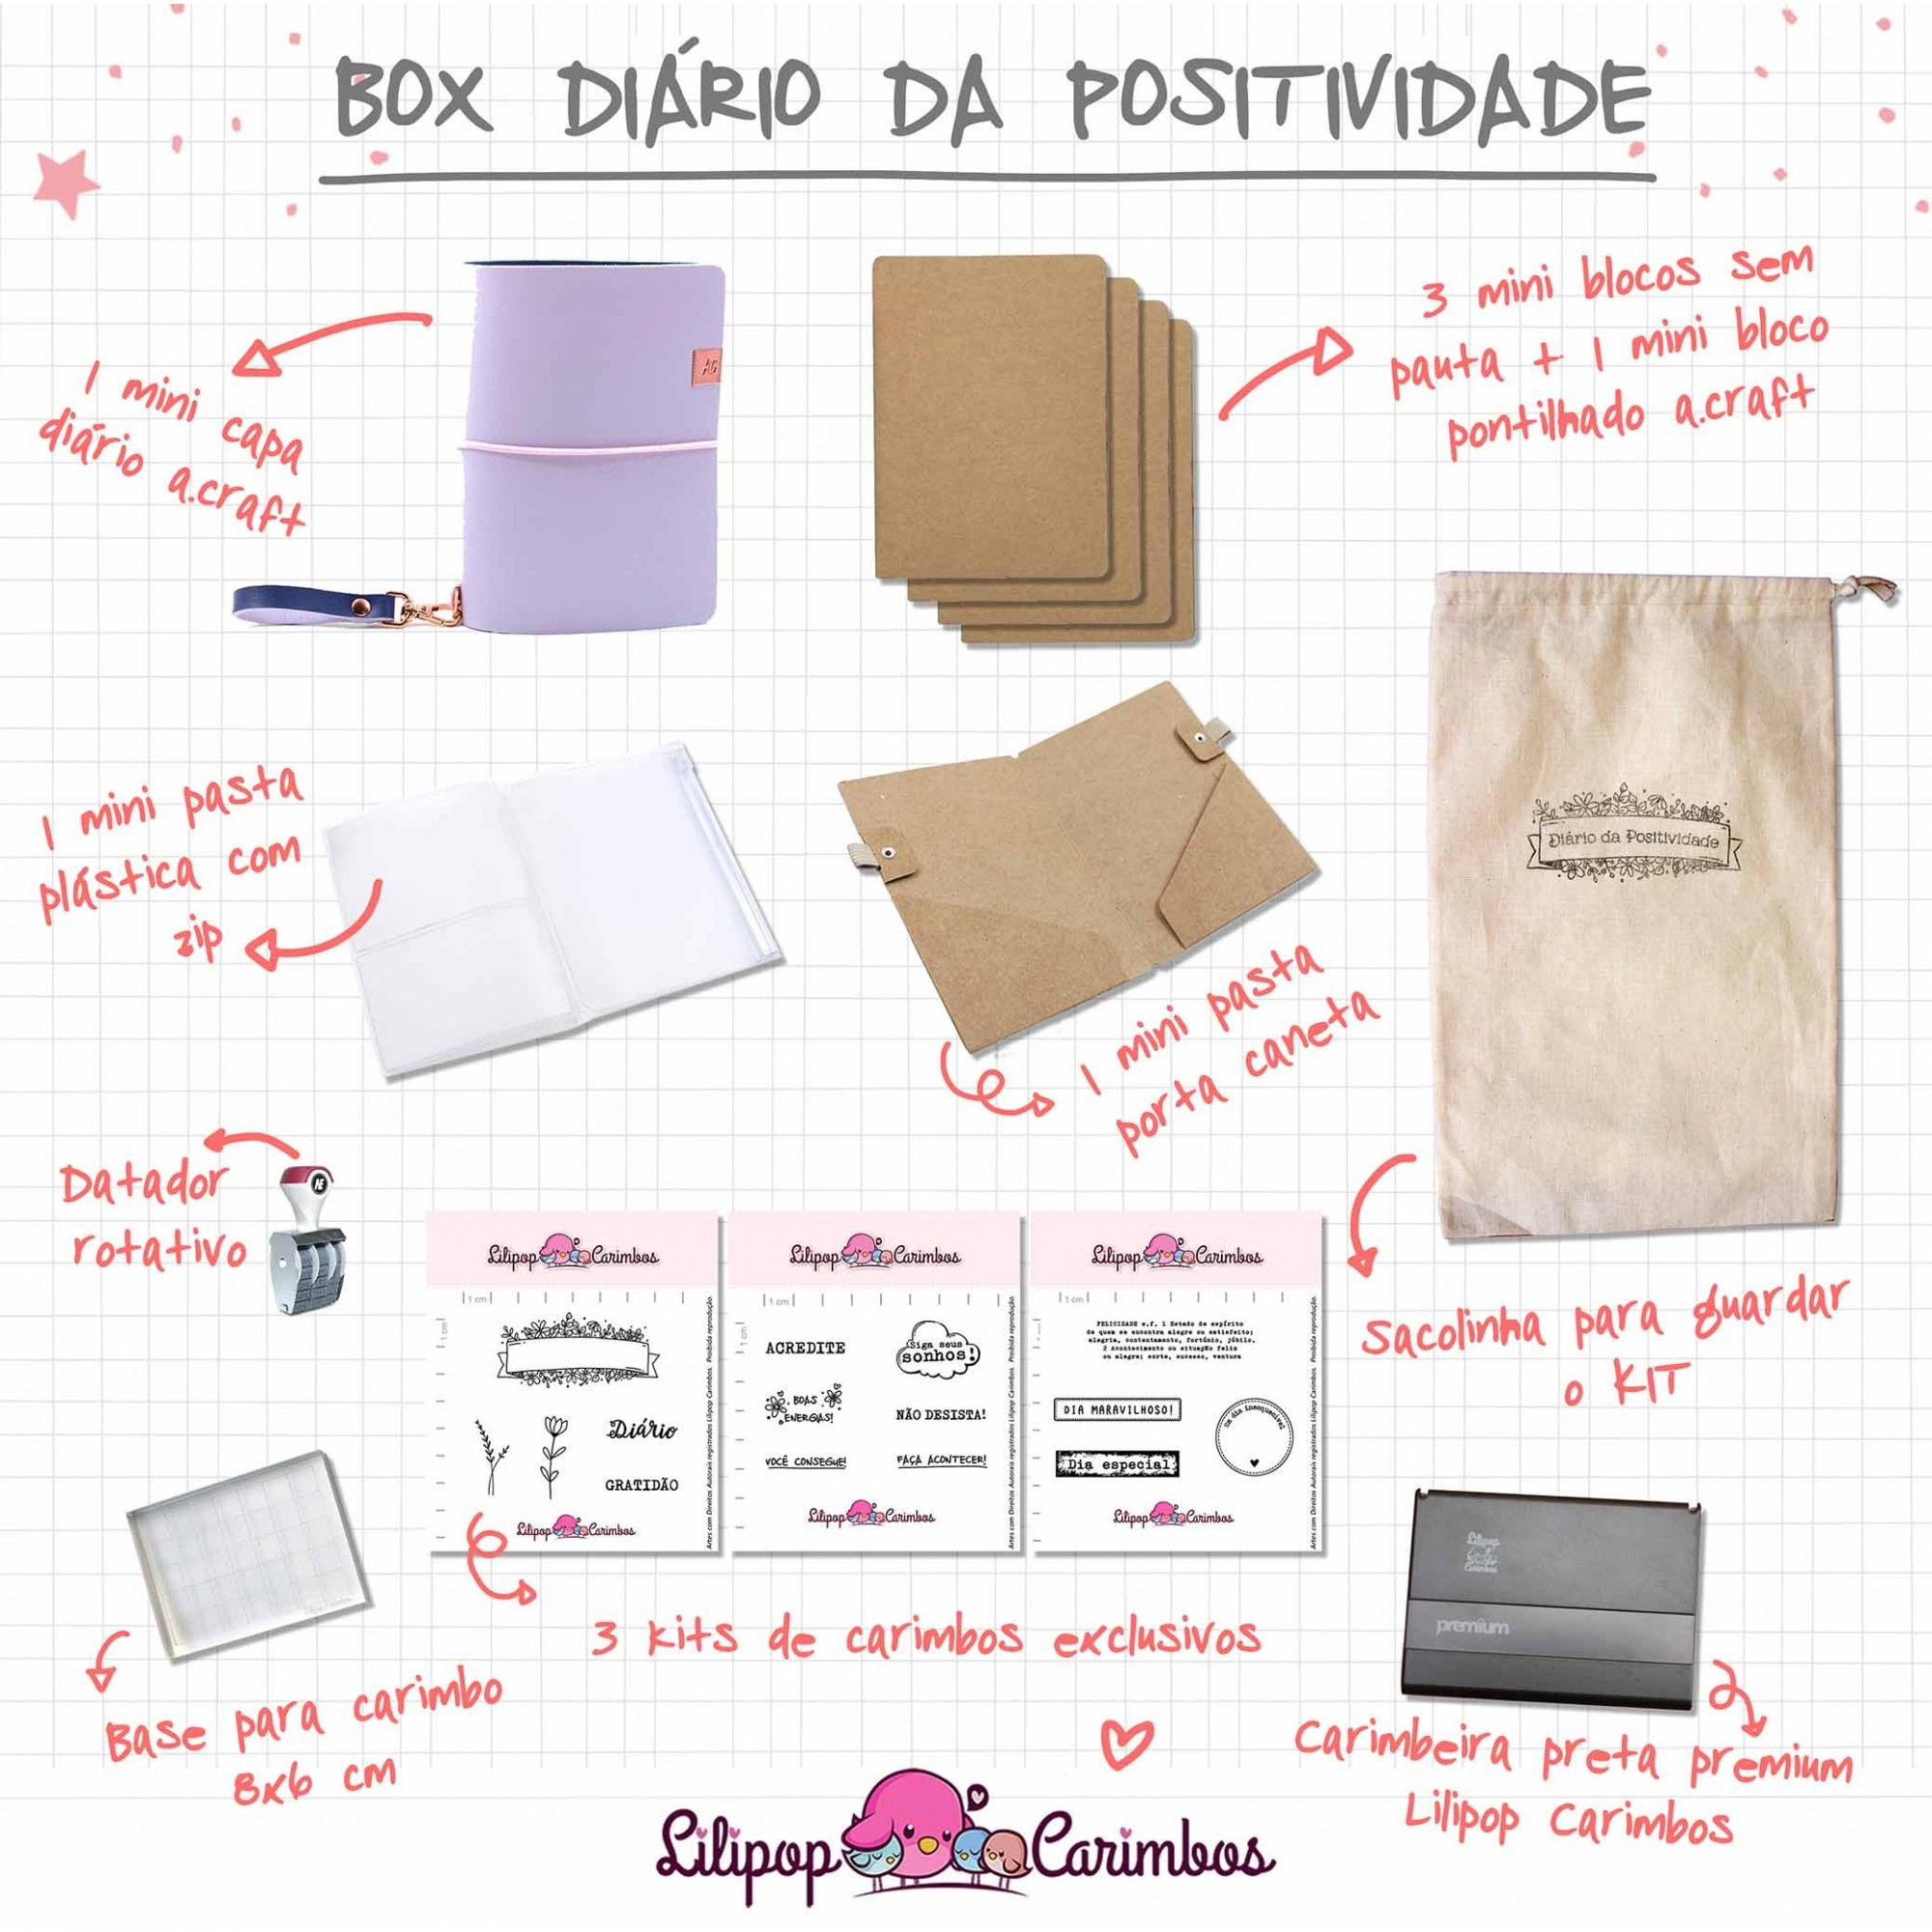 BOX DIÁRIO DA POSITIVIDADE - GRAPE ICE